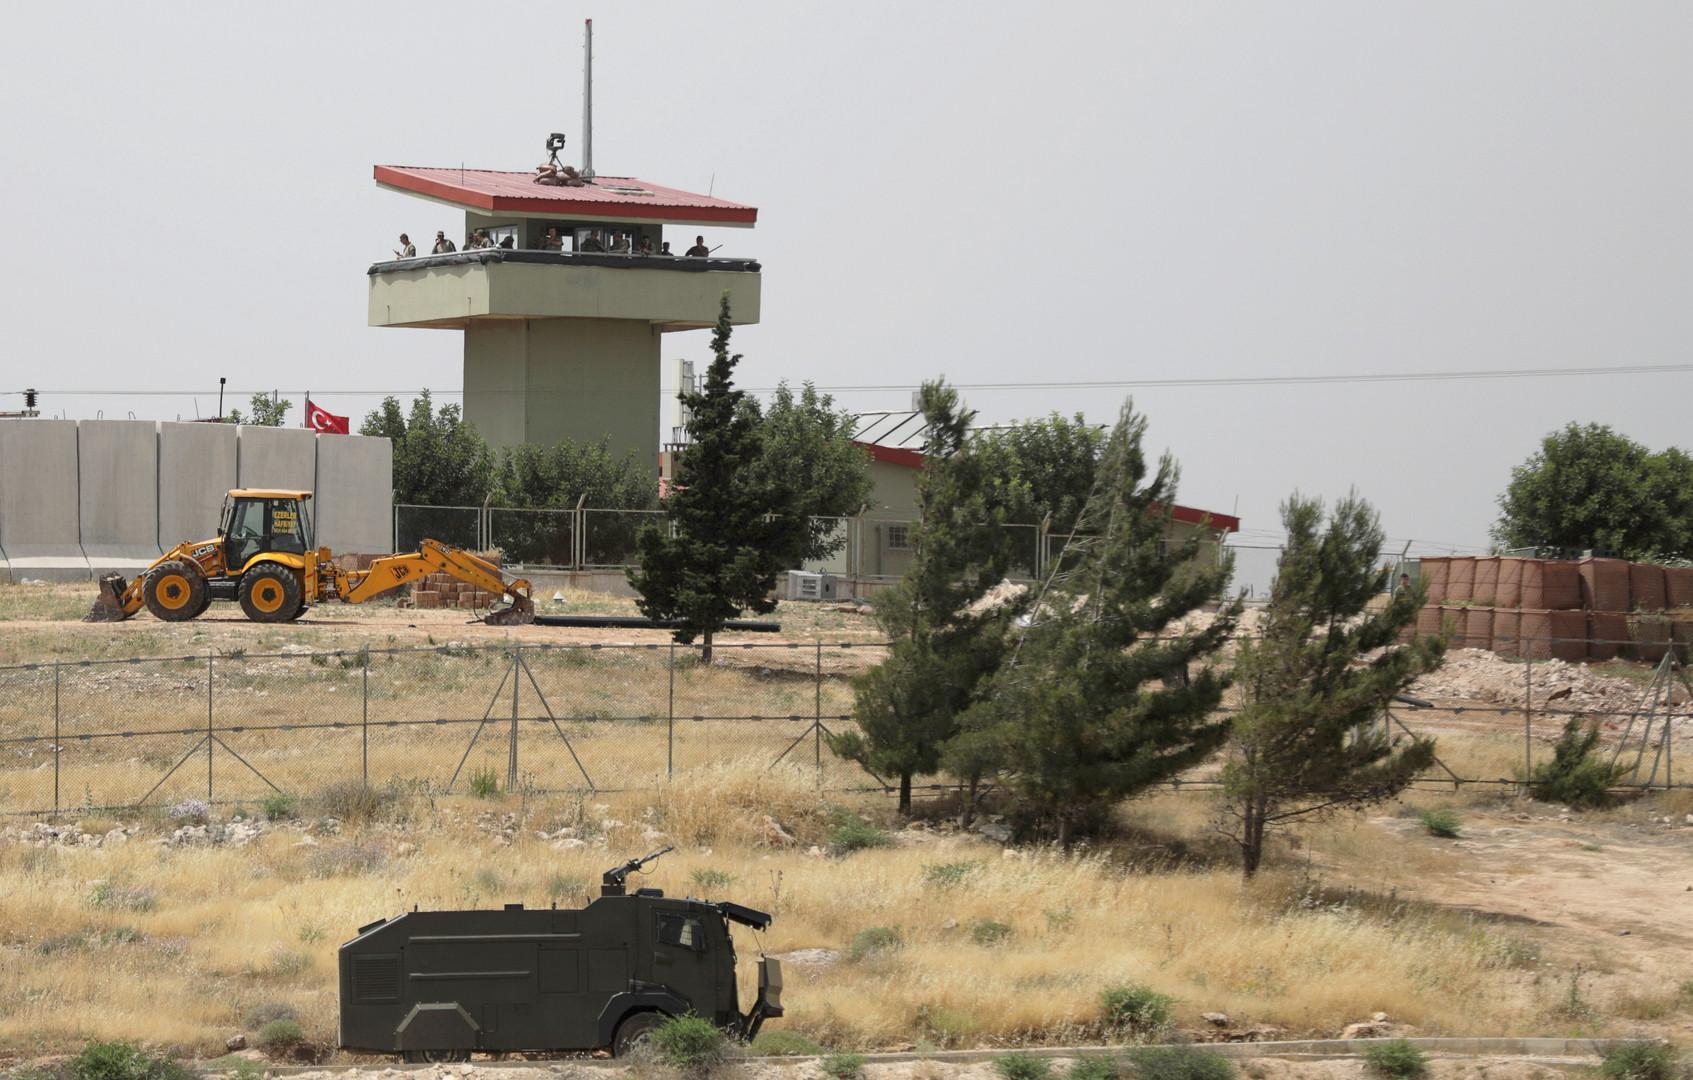 تركيا تعمل ضد مصالح روسيا في سوريا. أم أن الأمر ليس مخيفا إلى هذا الحد؟ -